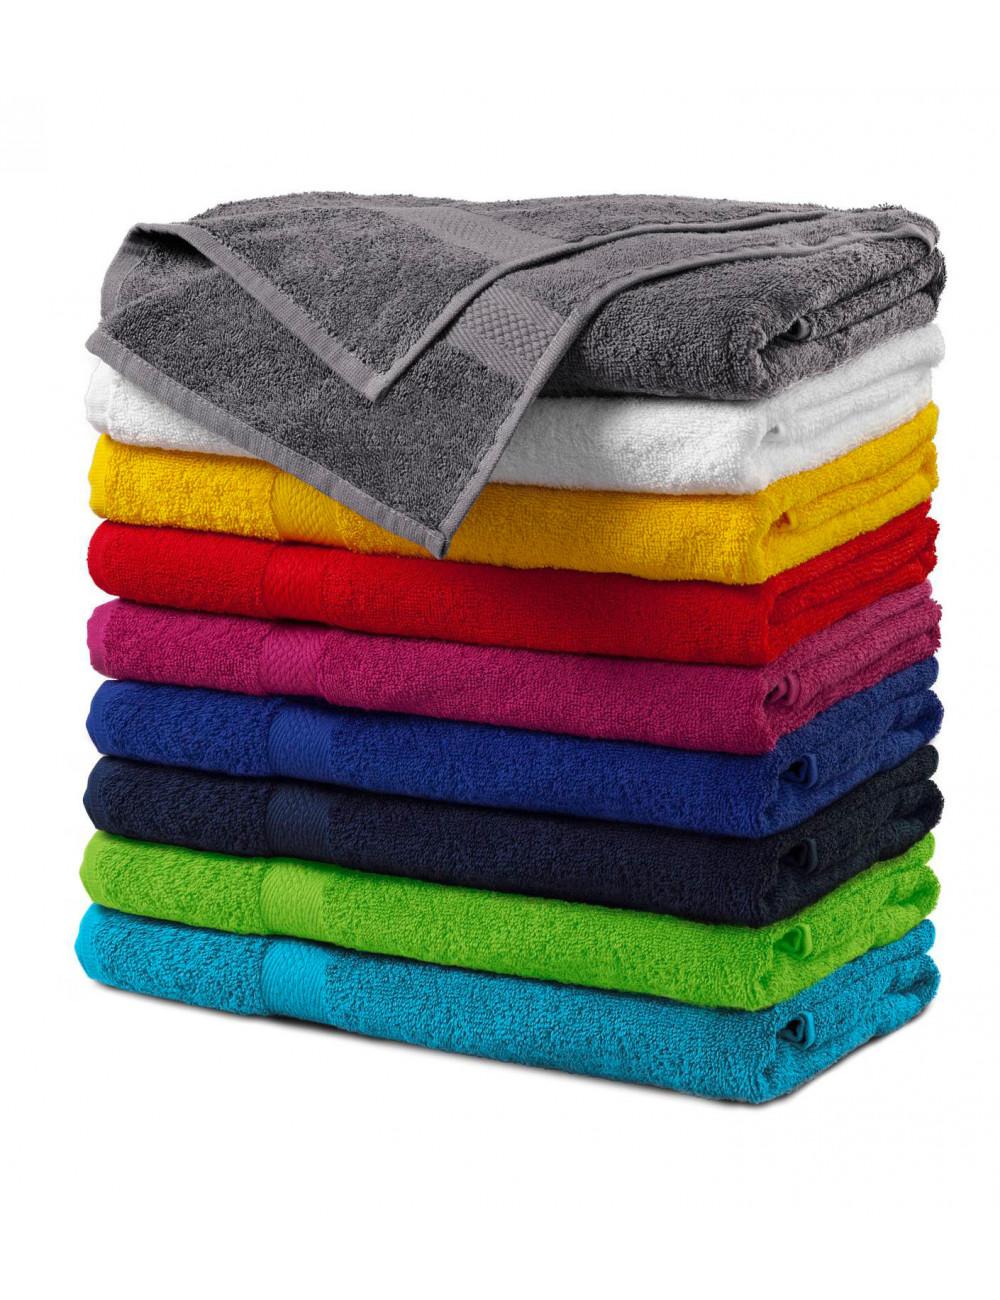 Adler MALFINI Ręcznik duży unisex Terry Bath Towel 905 chabrowy